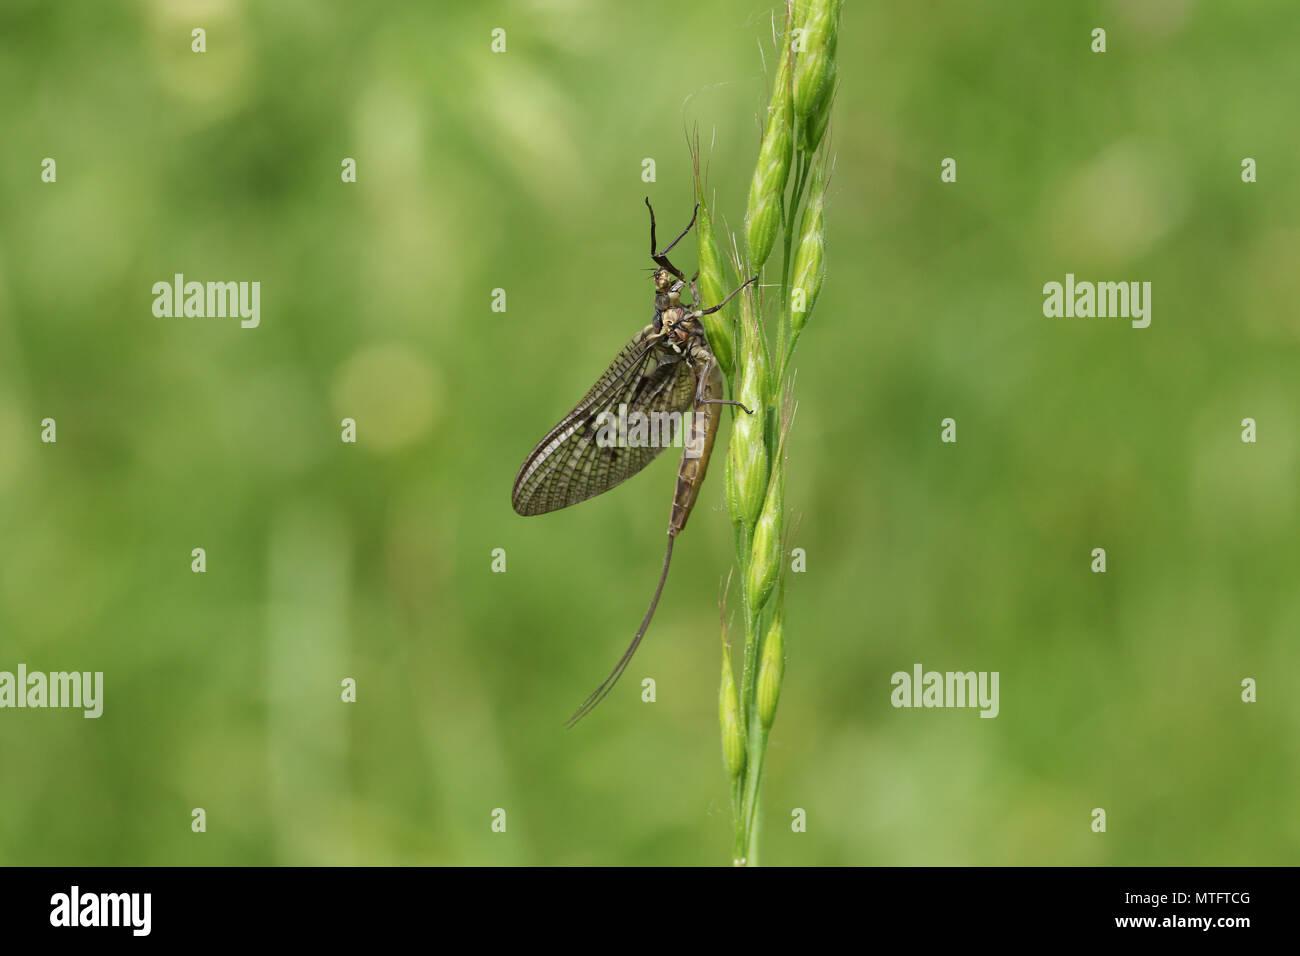 A beautiful Mayfly ( Ephemera vulgata) perching on grass seeds. - Stock Image